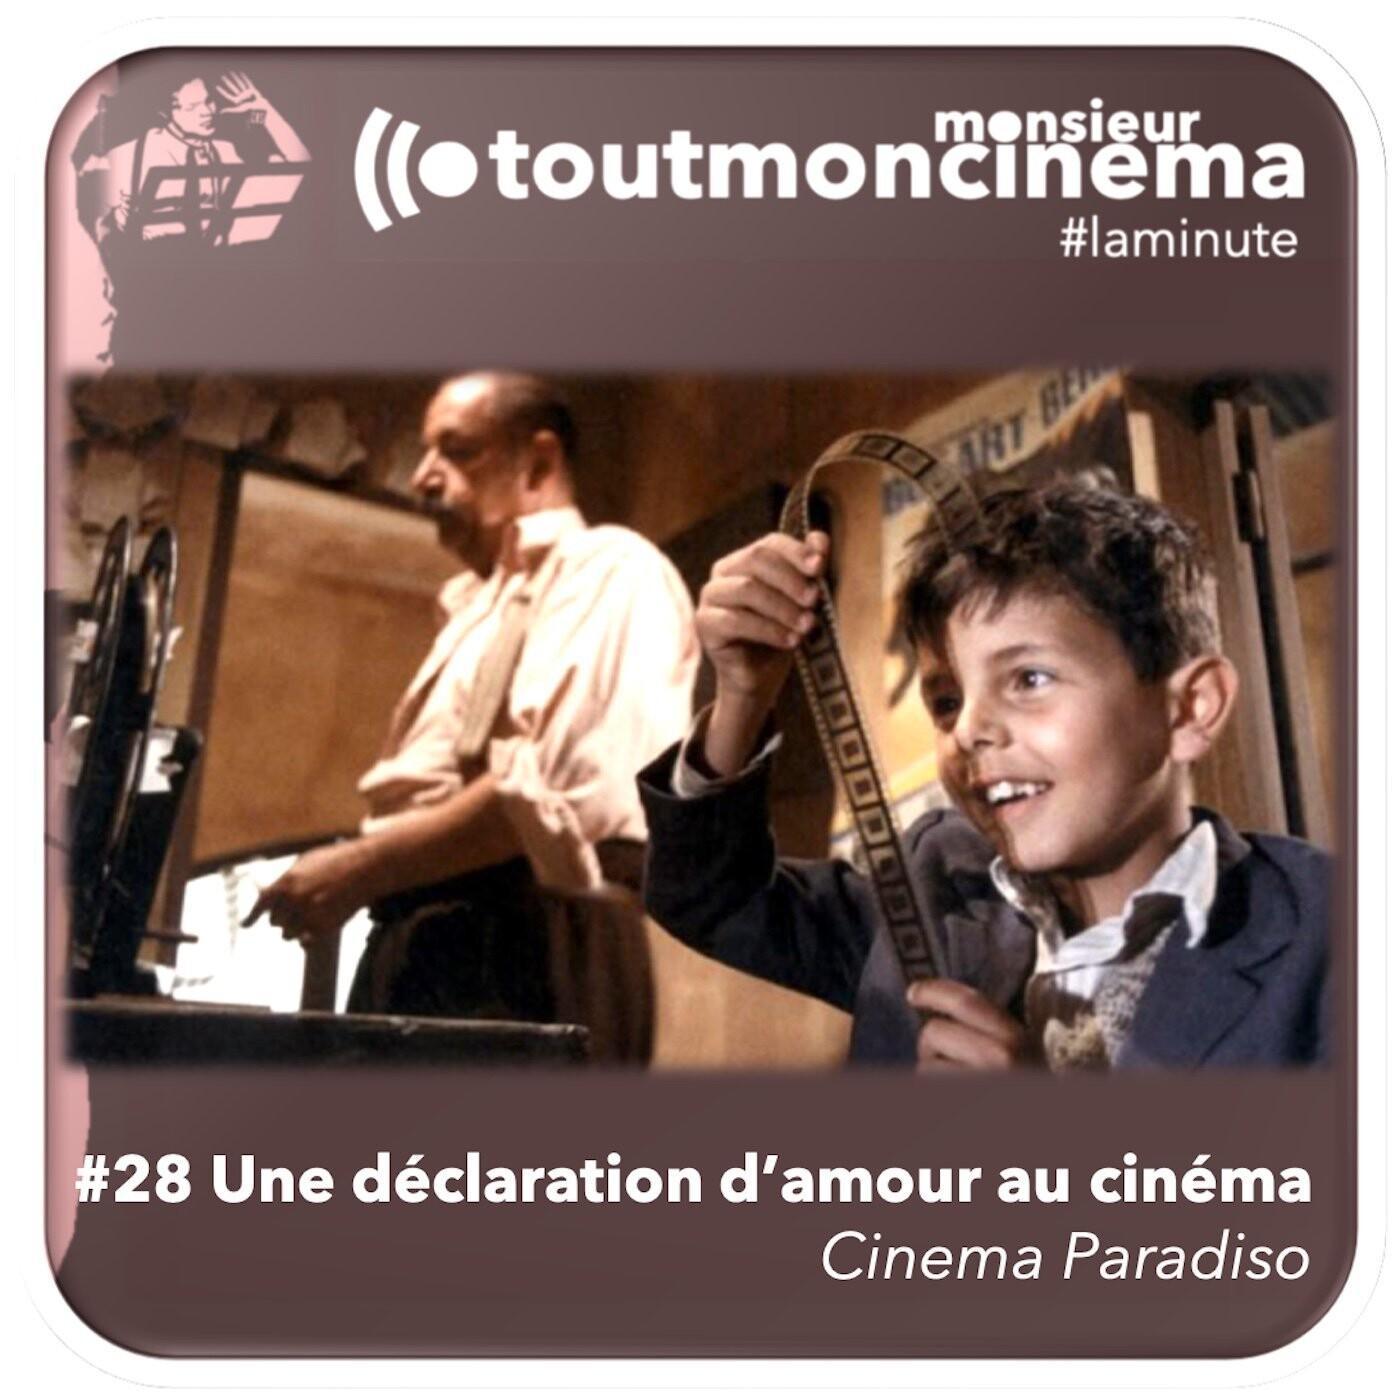 #28 Une déclaration d'amour au cinéma (Cinema Paradiso)